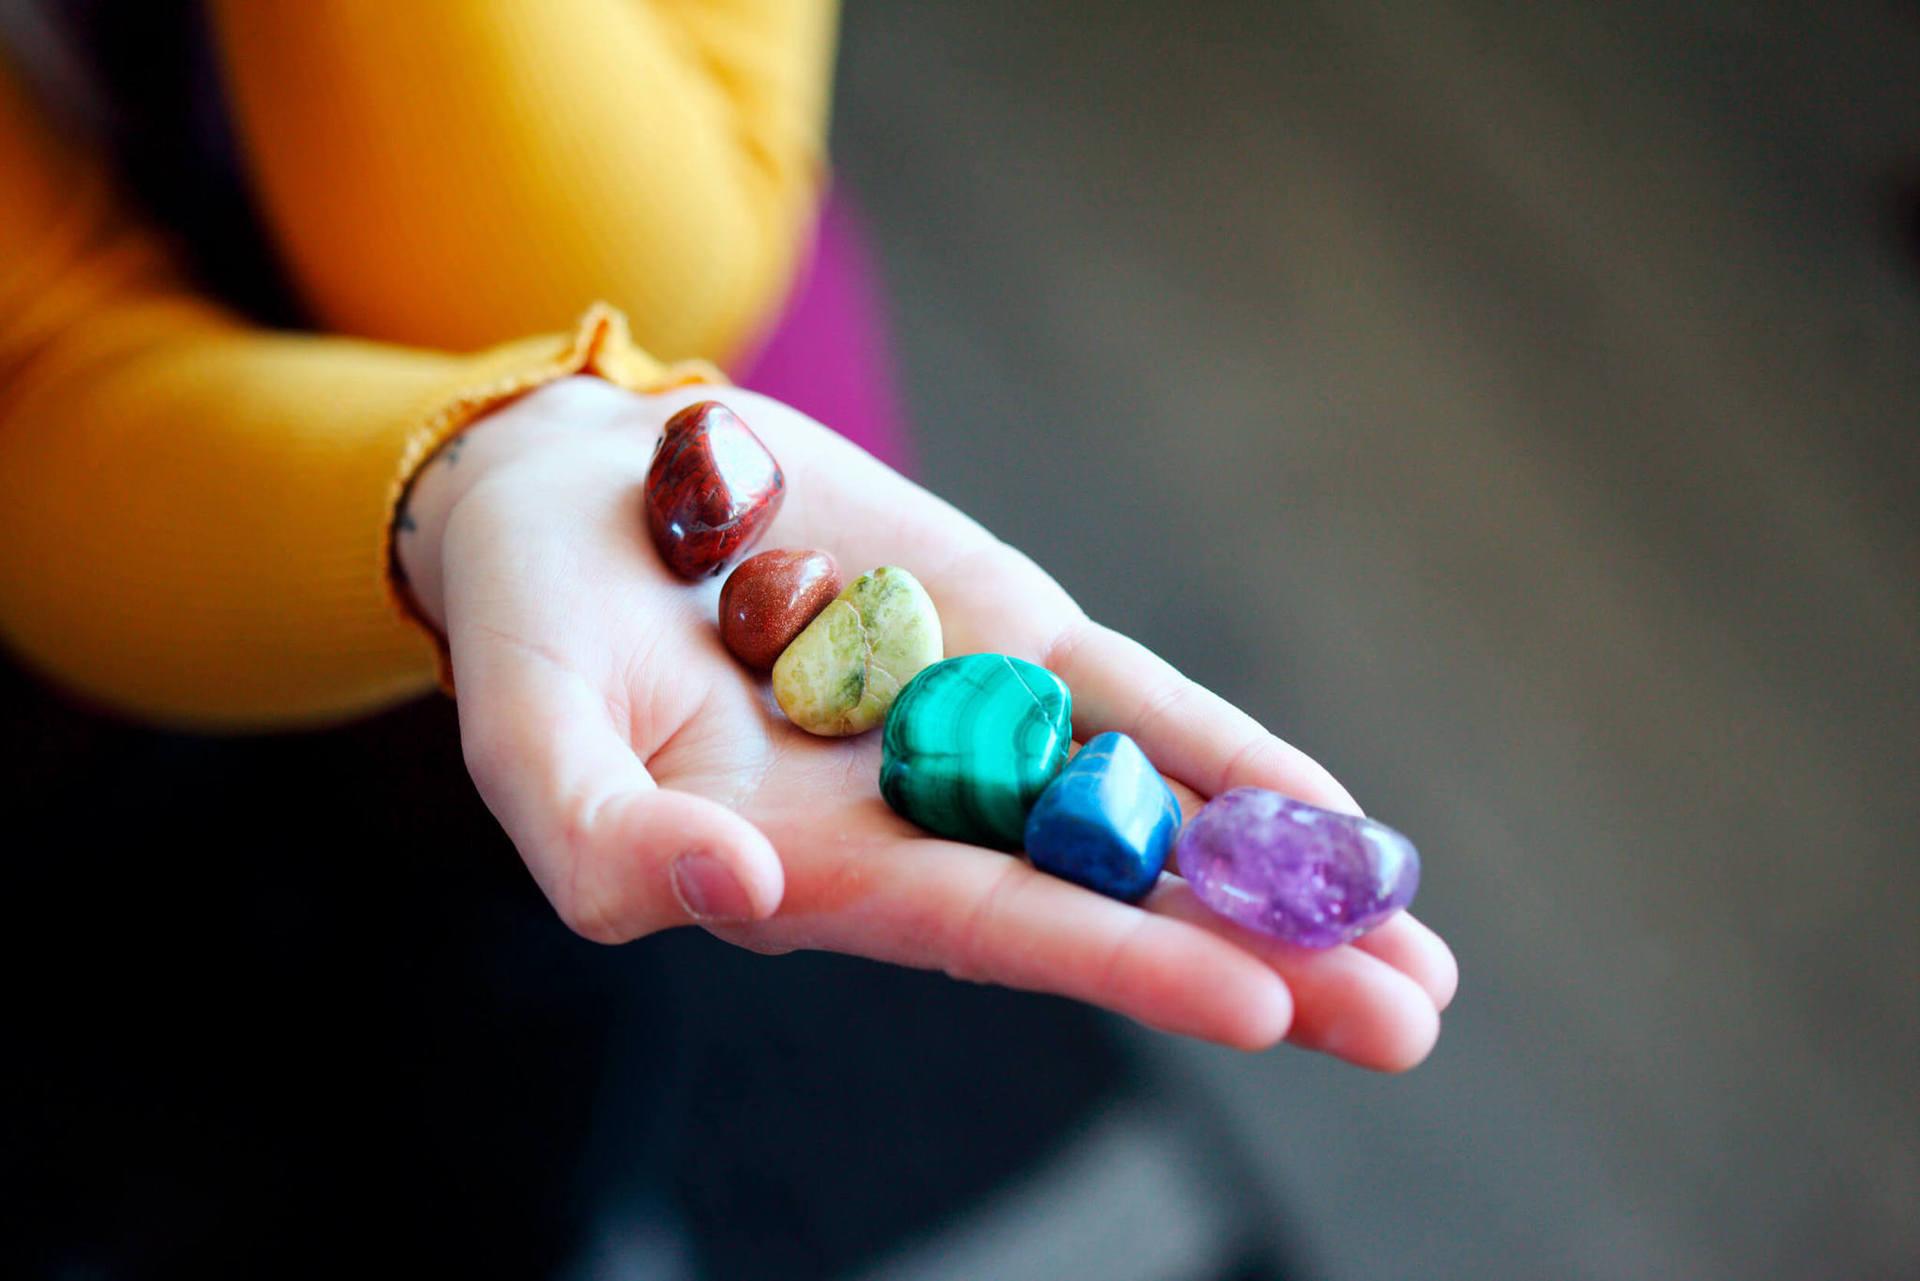 Попробуйте уникальный массаж драгоценными камнями: они связаны с магнитным полем Земли и могут усиливать, притягивать или отталкивать различные виды энергии. А 12-точечный марма-массаж с хрустальной палочкой снимает напряжение всего тела!